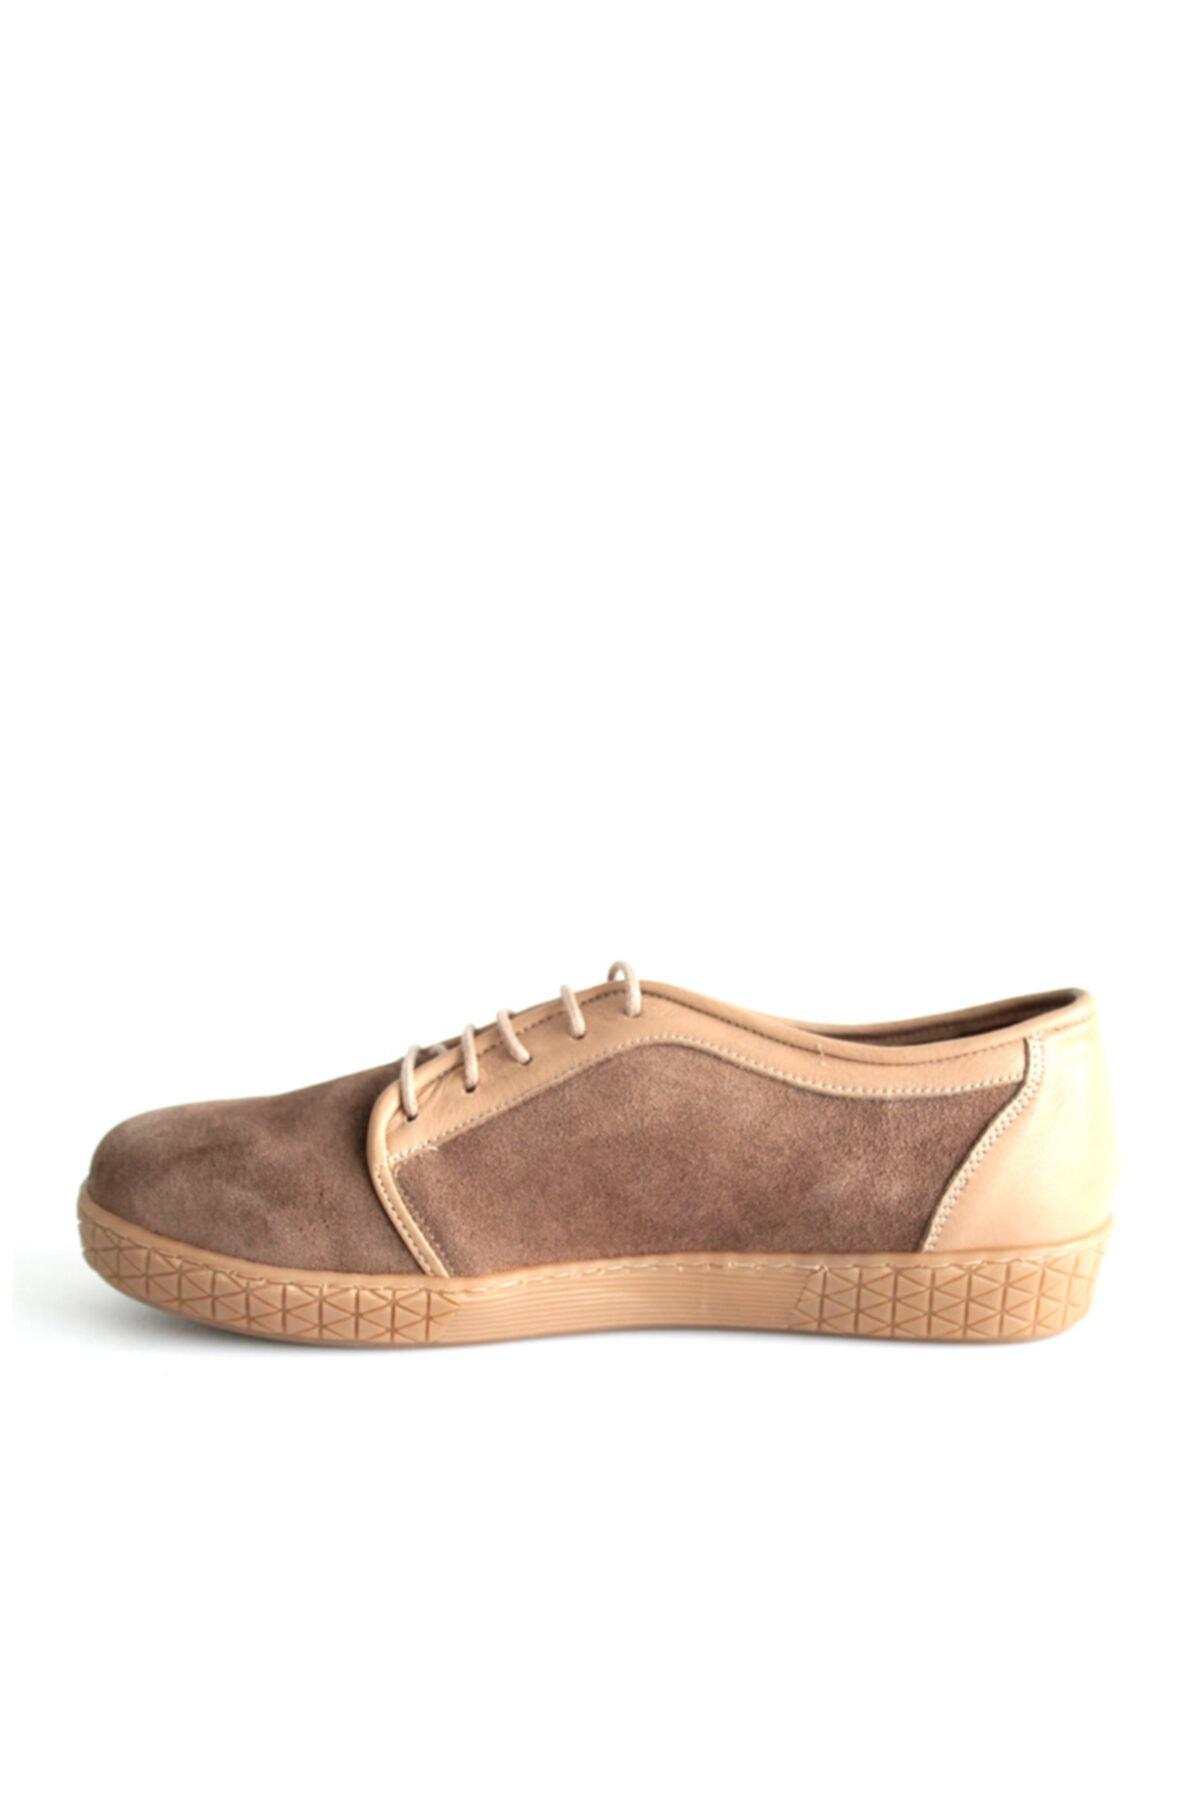 Beta Shoes Günlük Ayakkabı Hakiki Deri Kadın Süet Toprak 2